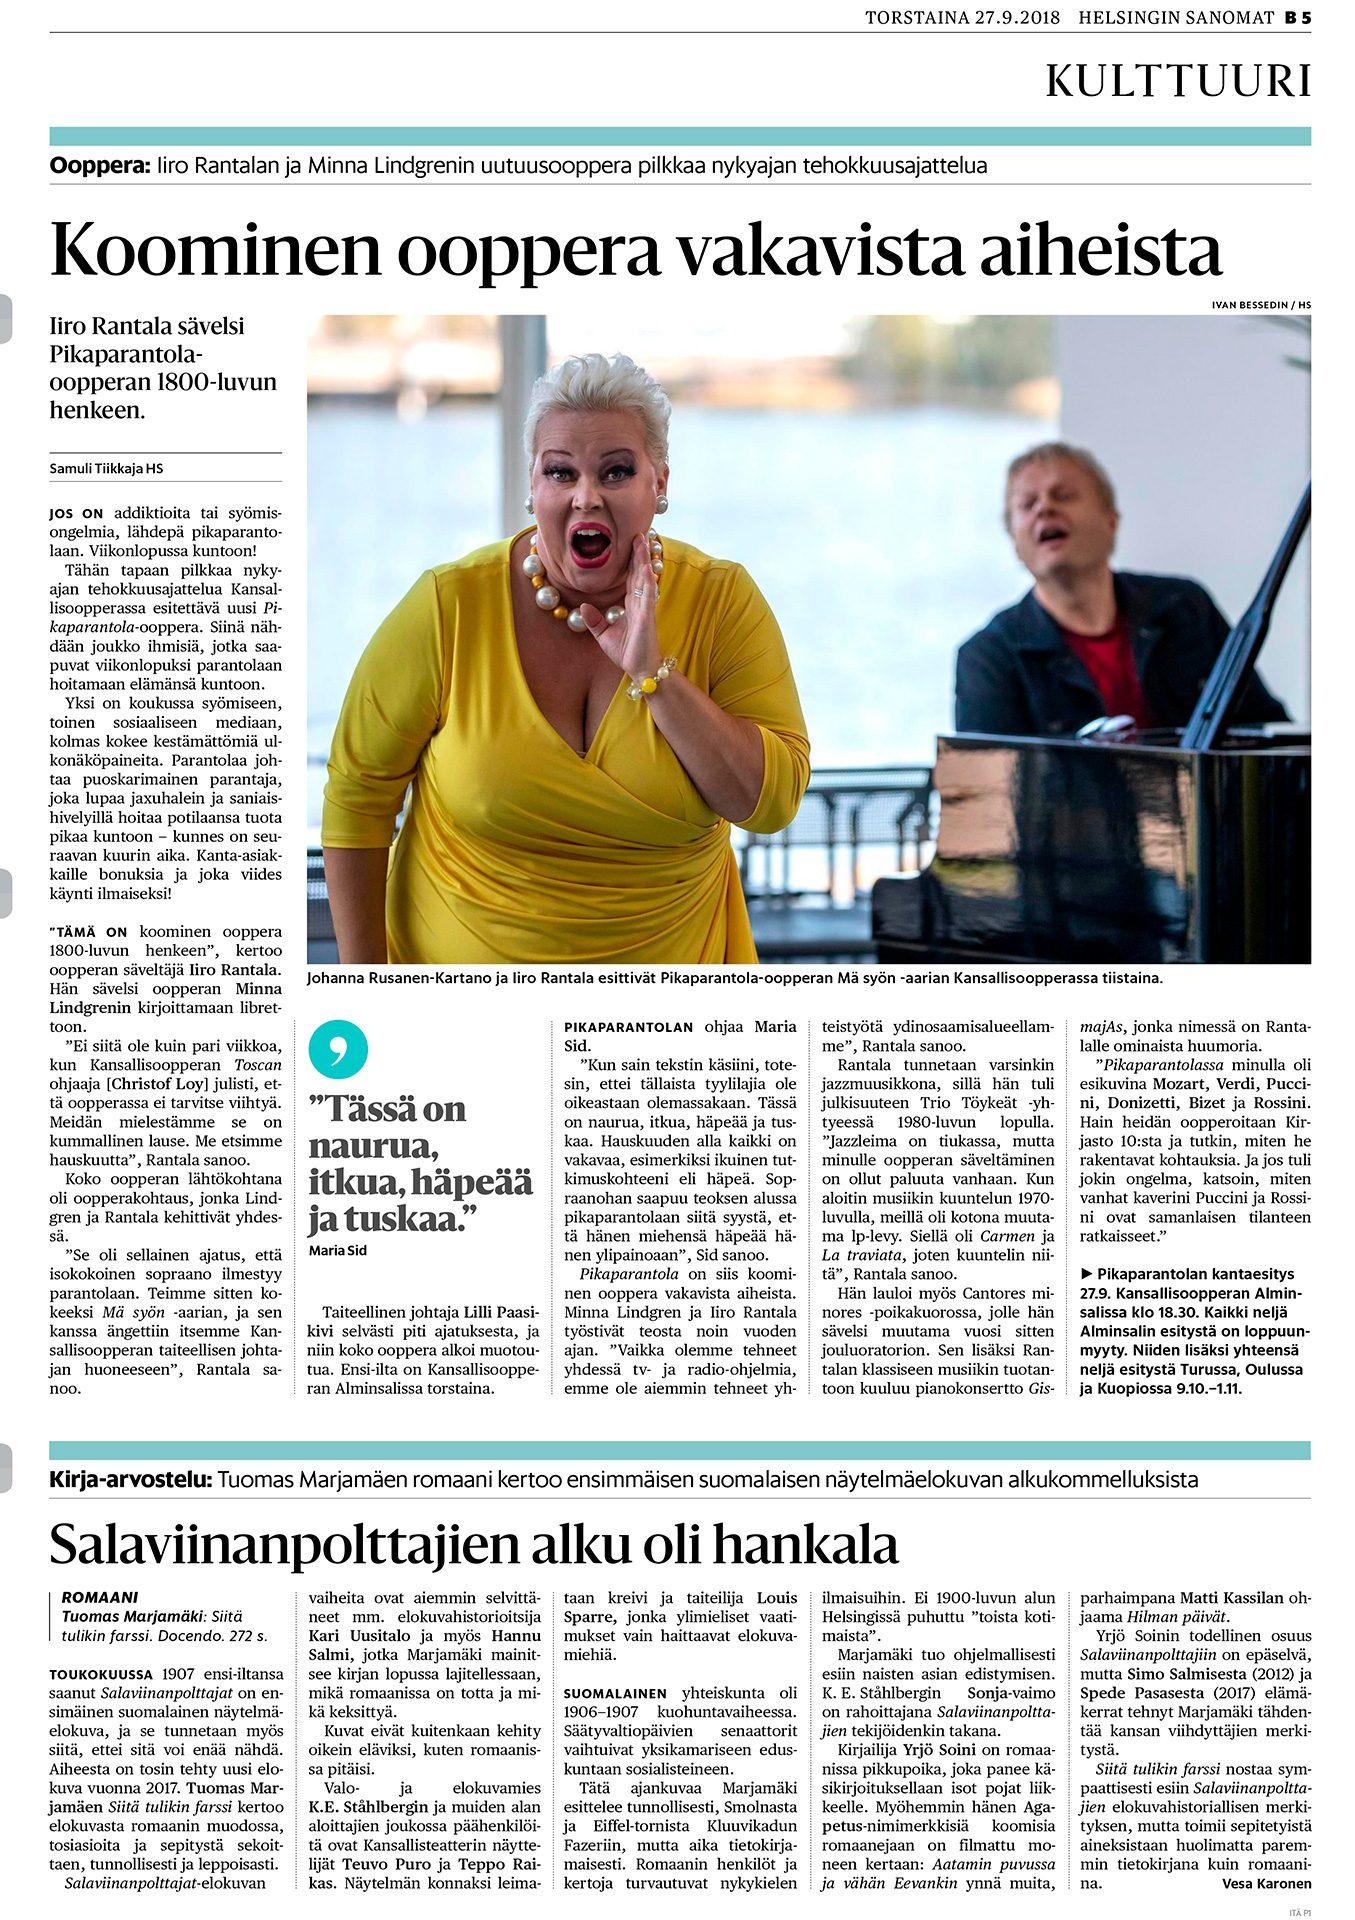 Helsingin Sanomat, Minna Lindgrenin ja Iiro Rantalan, oopera